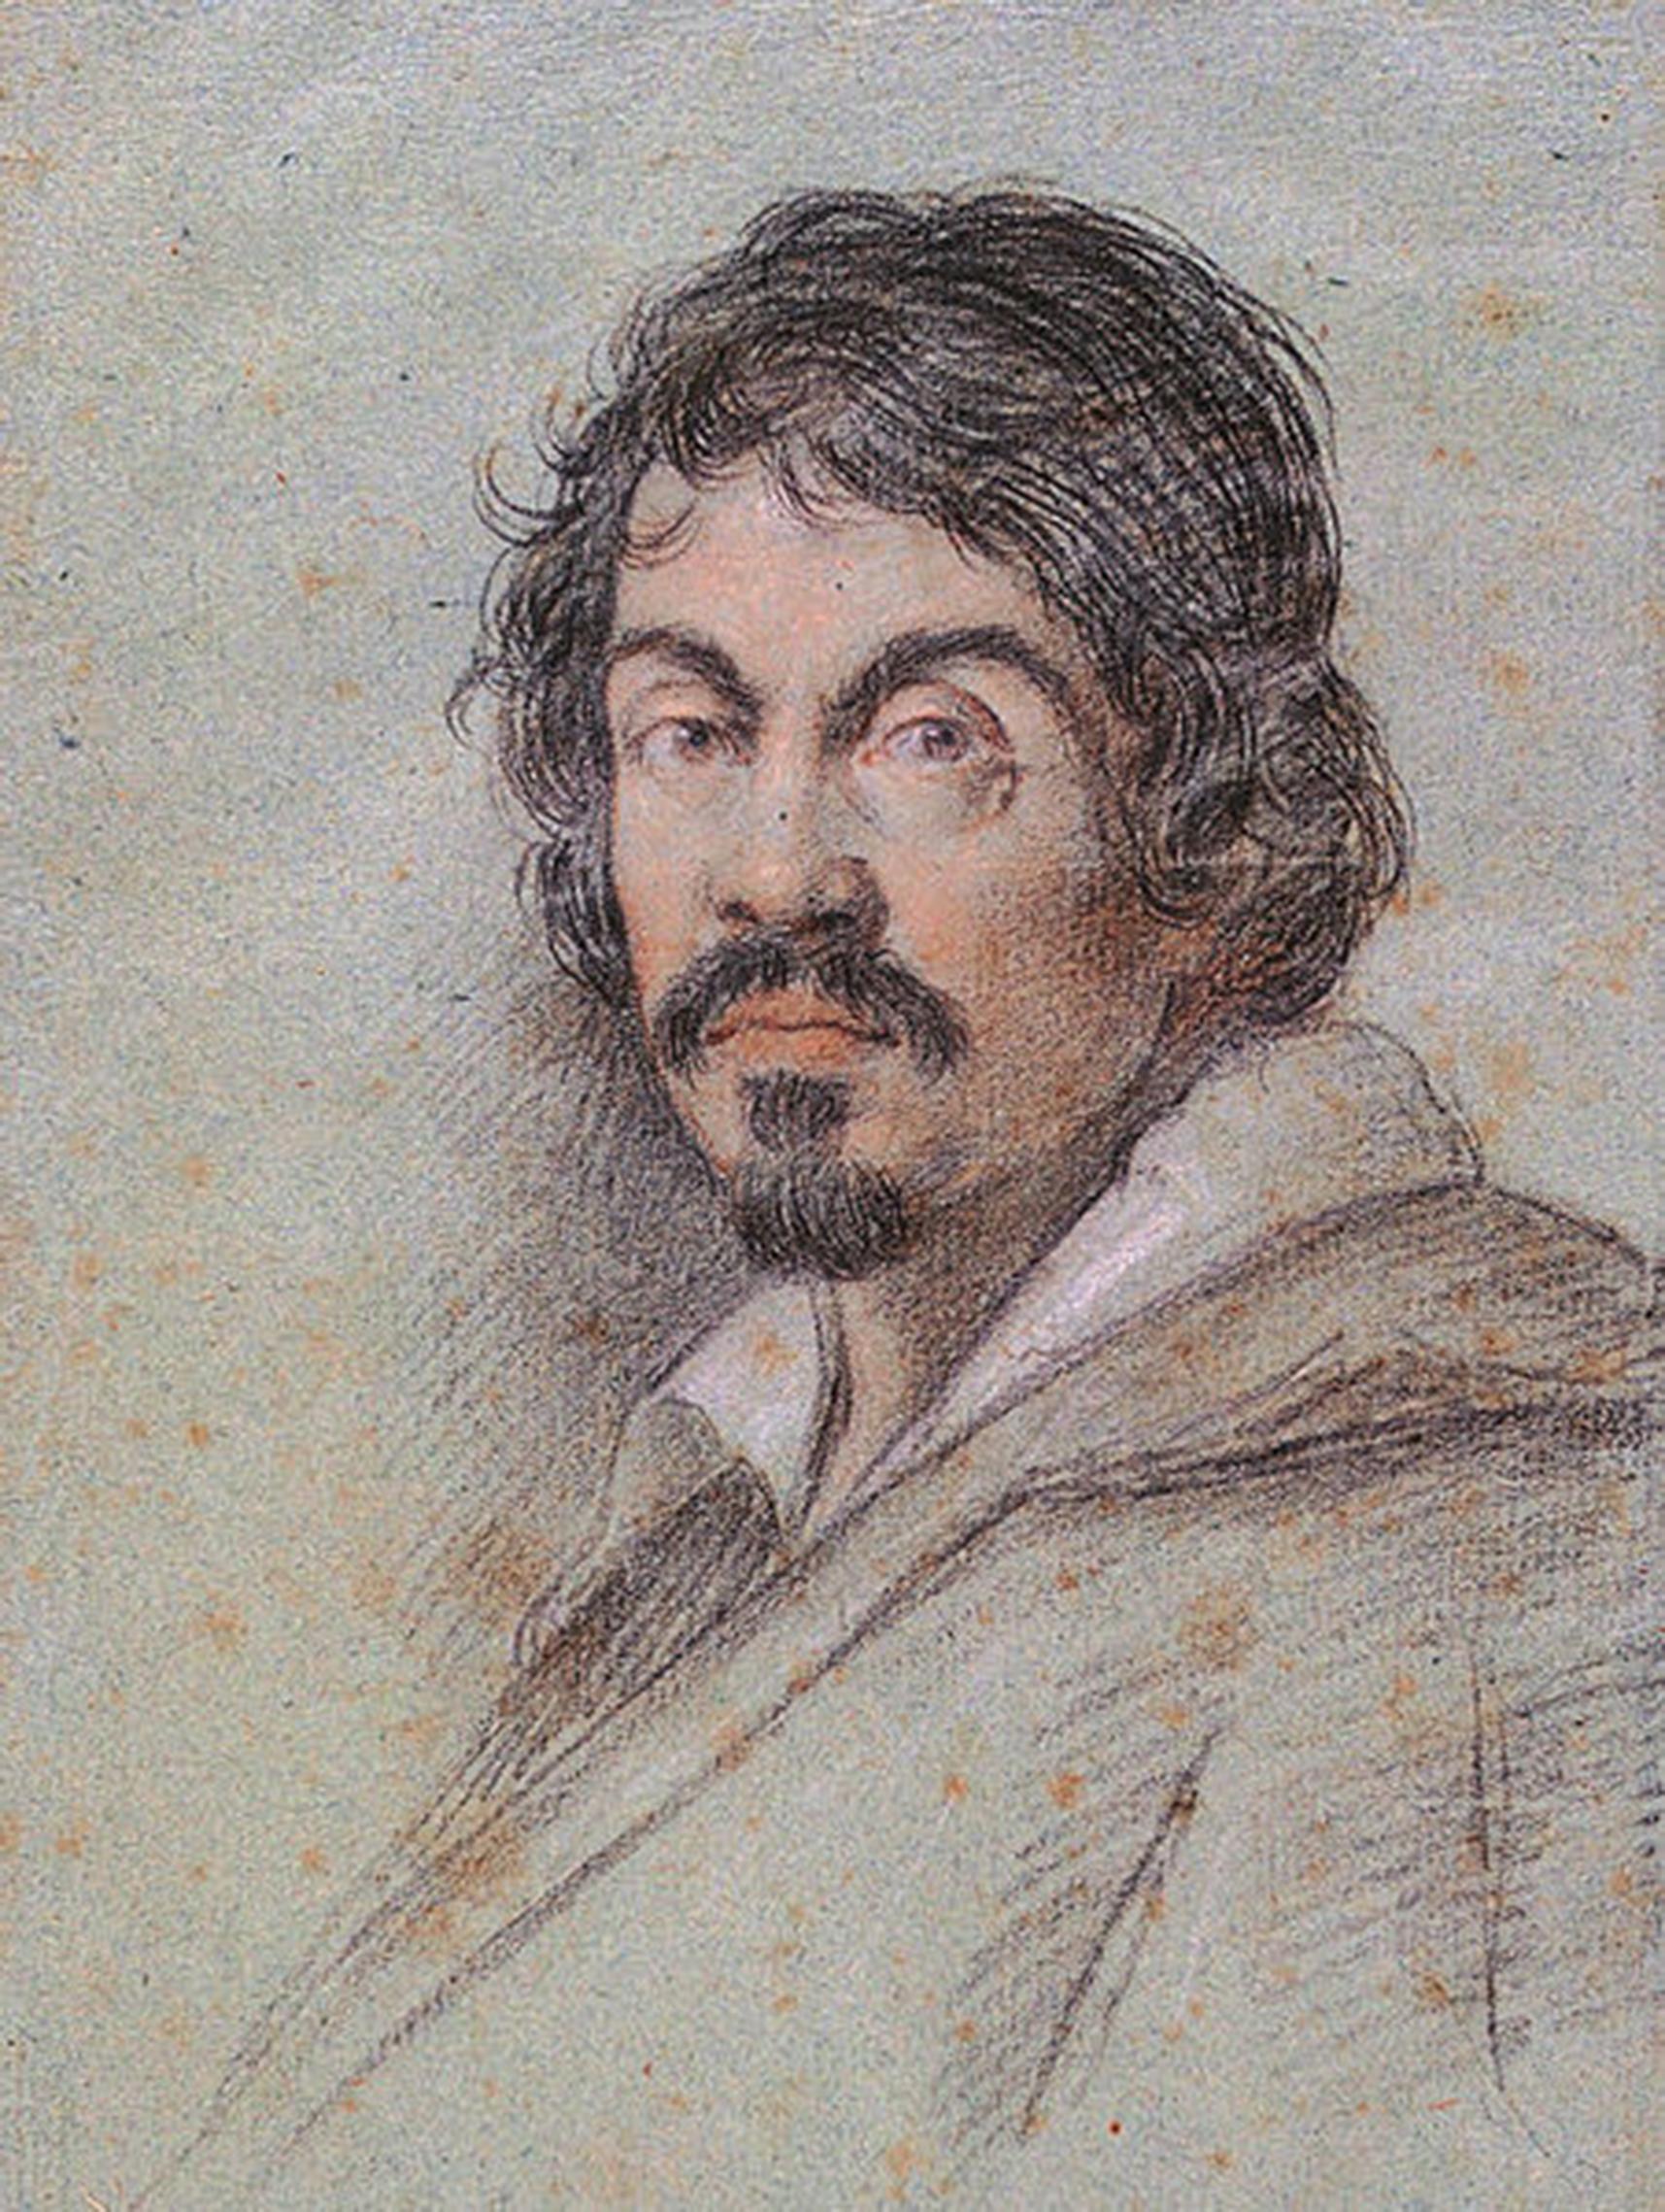 Ottavio Leoni, Ritratto di Caravaggio, 1621. Carboncino nero e pastelli su carta blu, Firenze, Biblioteca Marucelliana, inventario n. BMF DIS. VOL. H n. 4